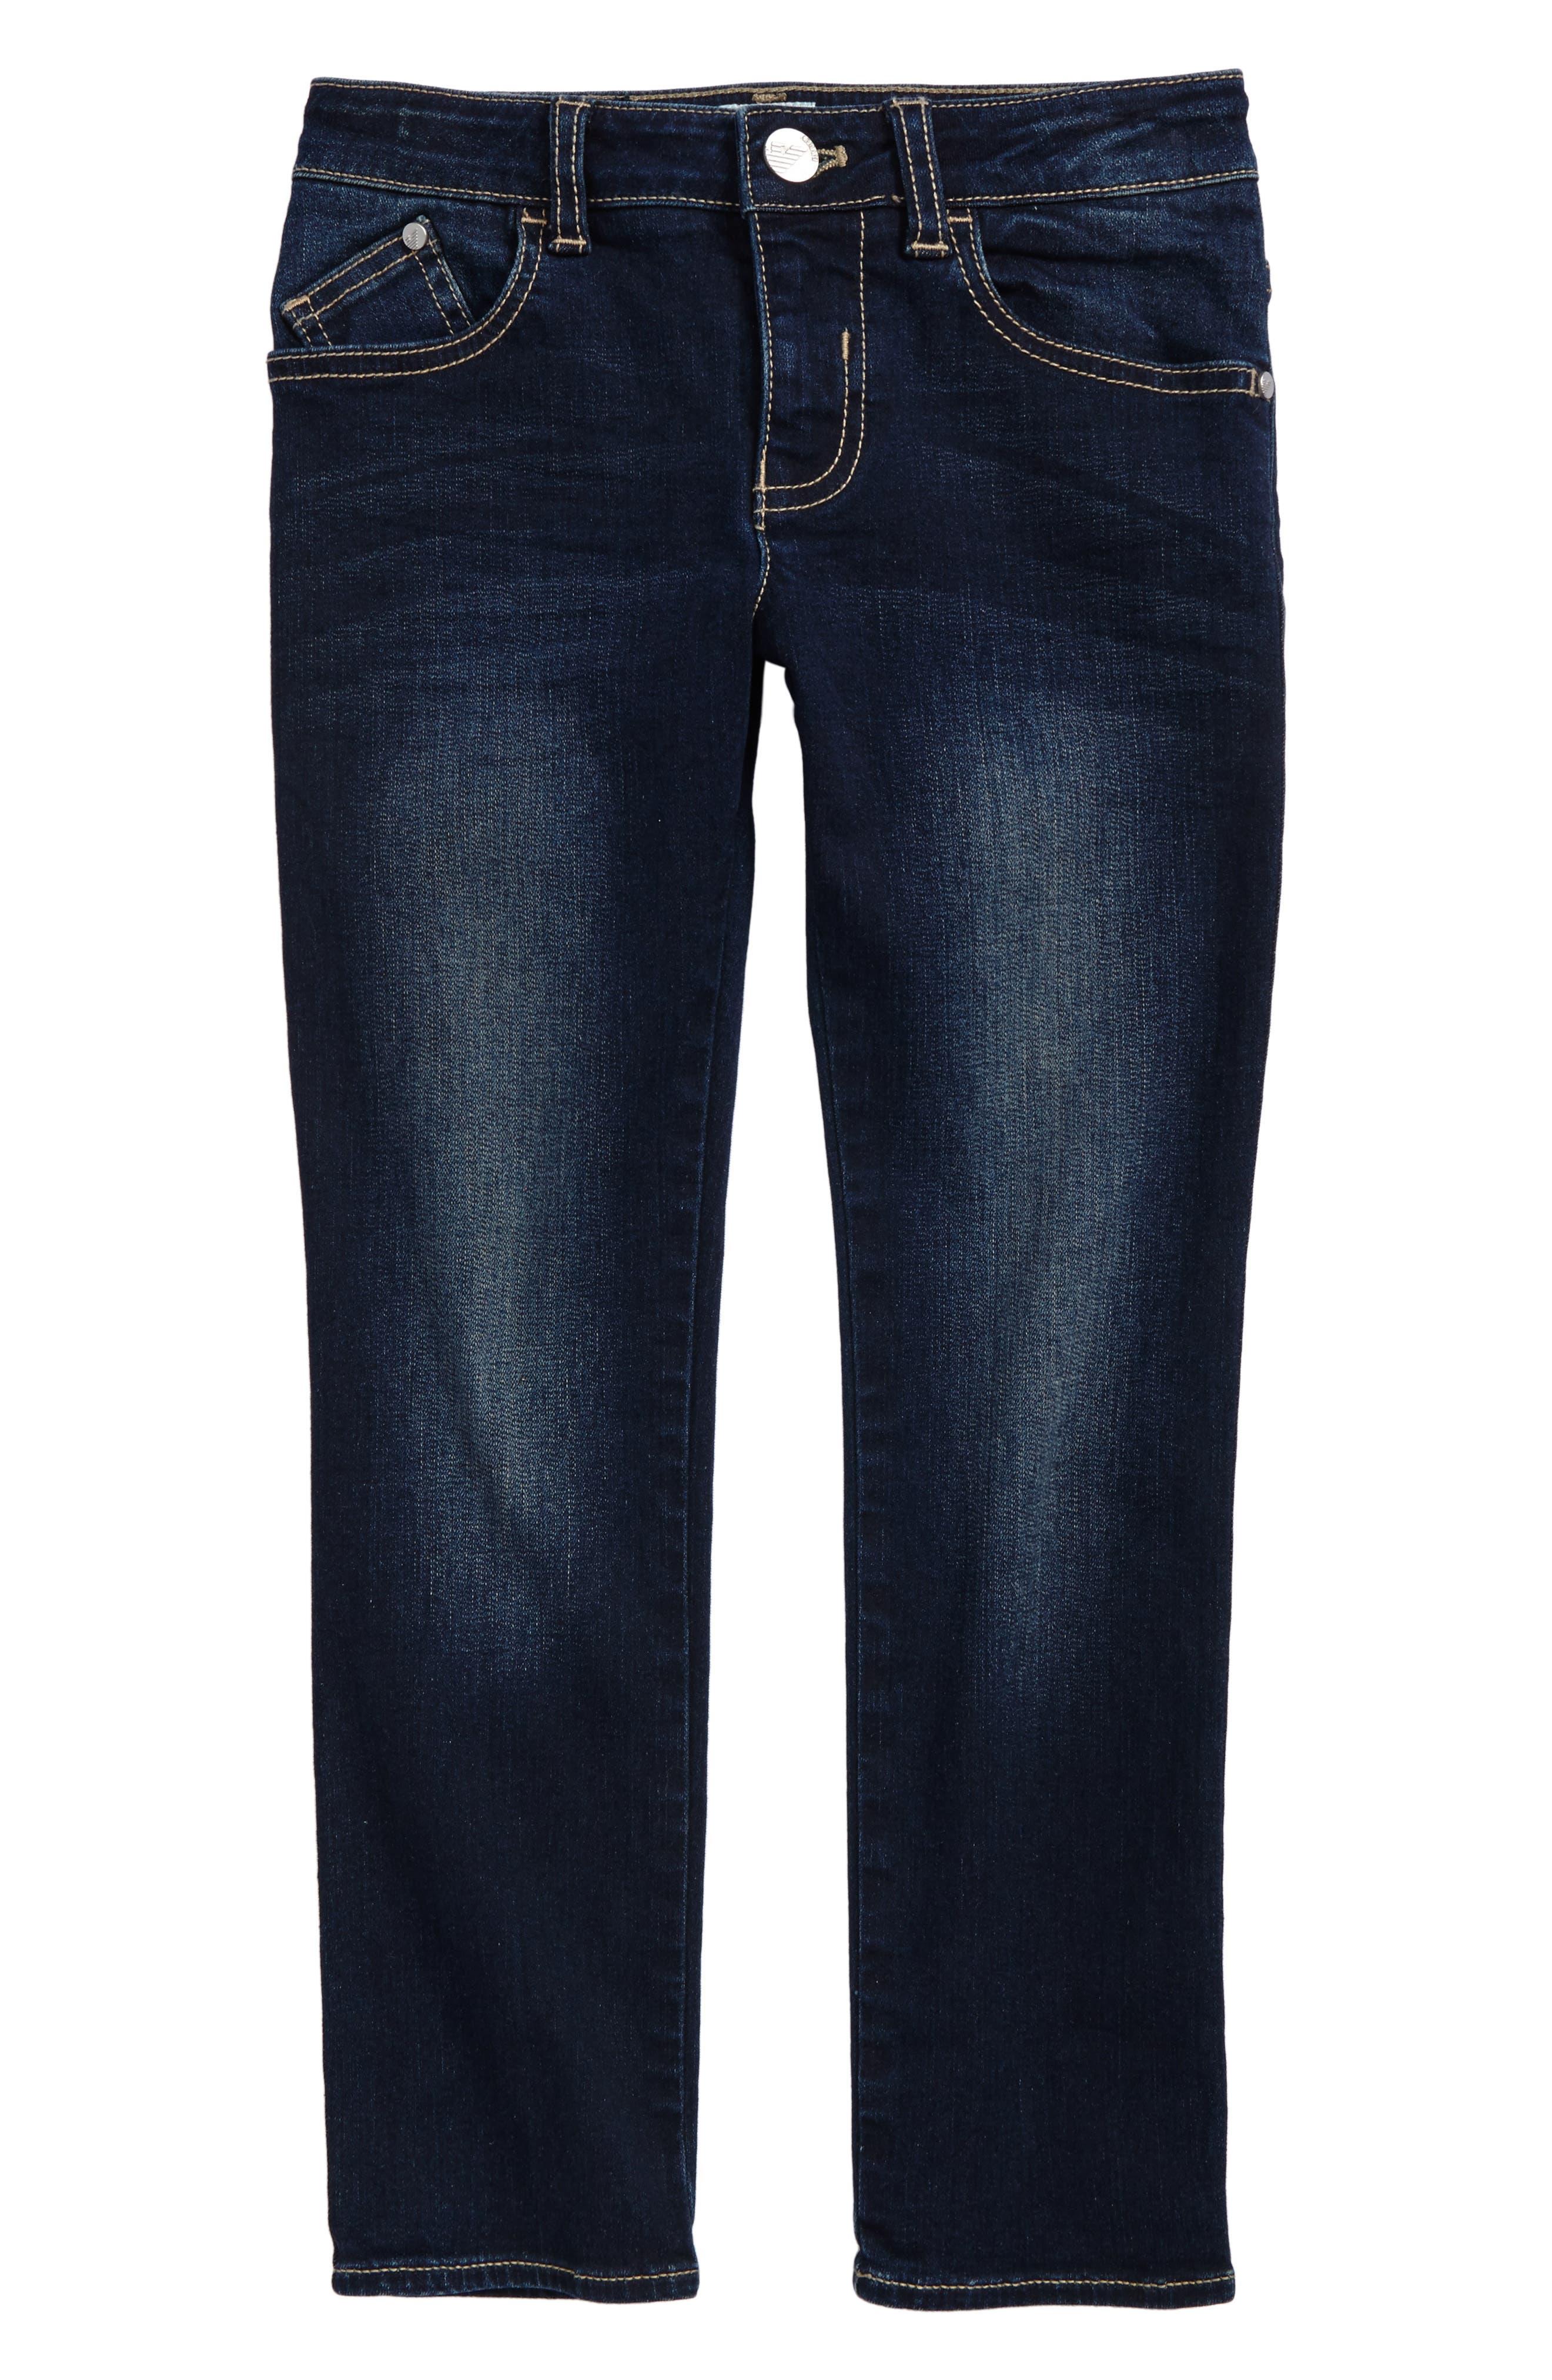 Straight Leg Jeans,                         Main,                         color, Denim Blue